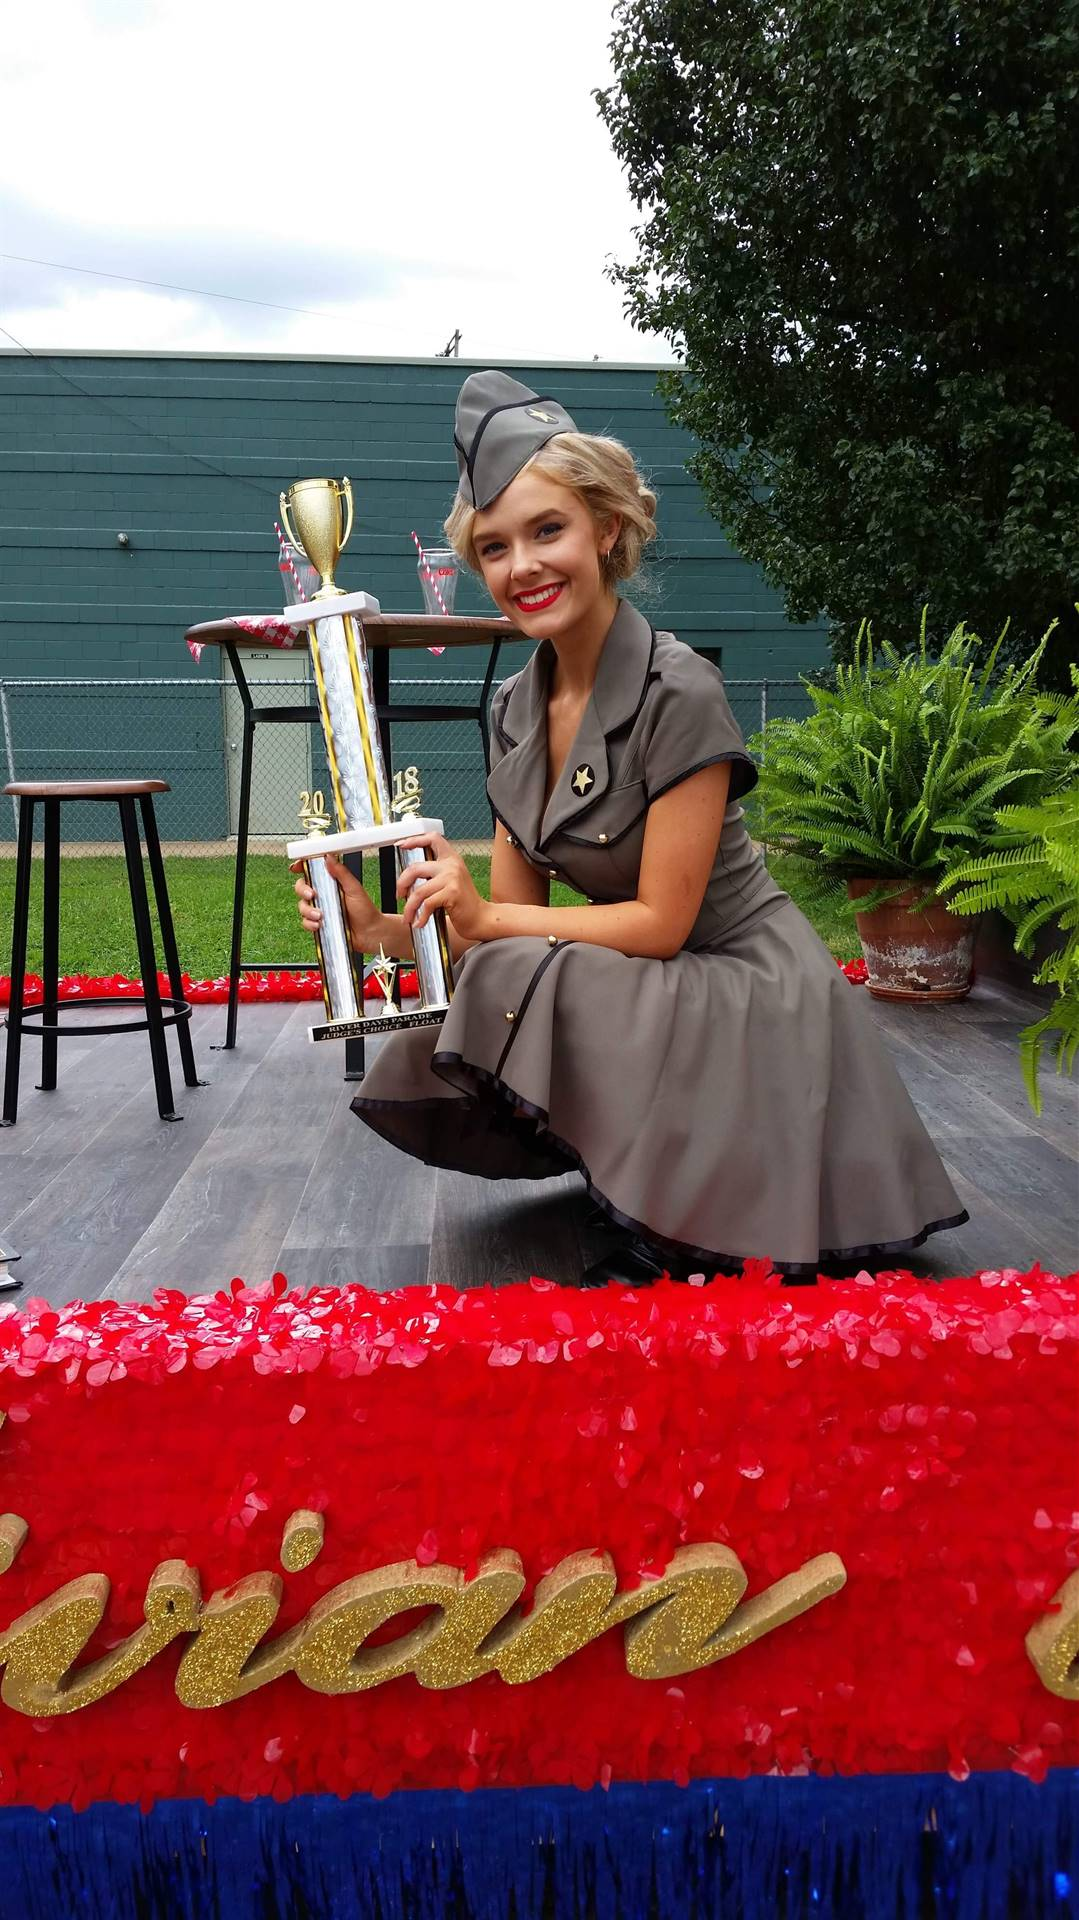 Miss Northwest Vivian Pennington